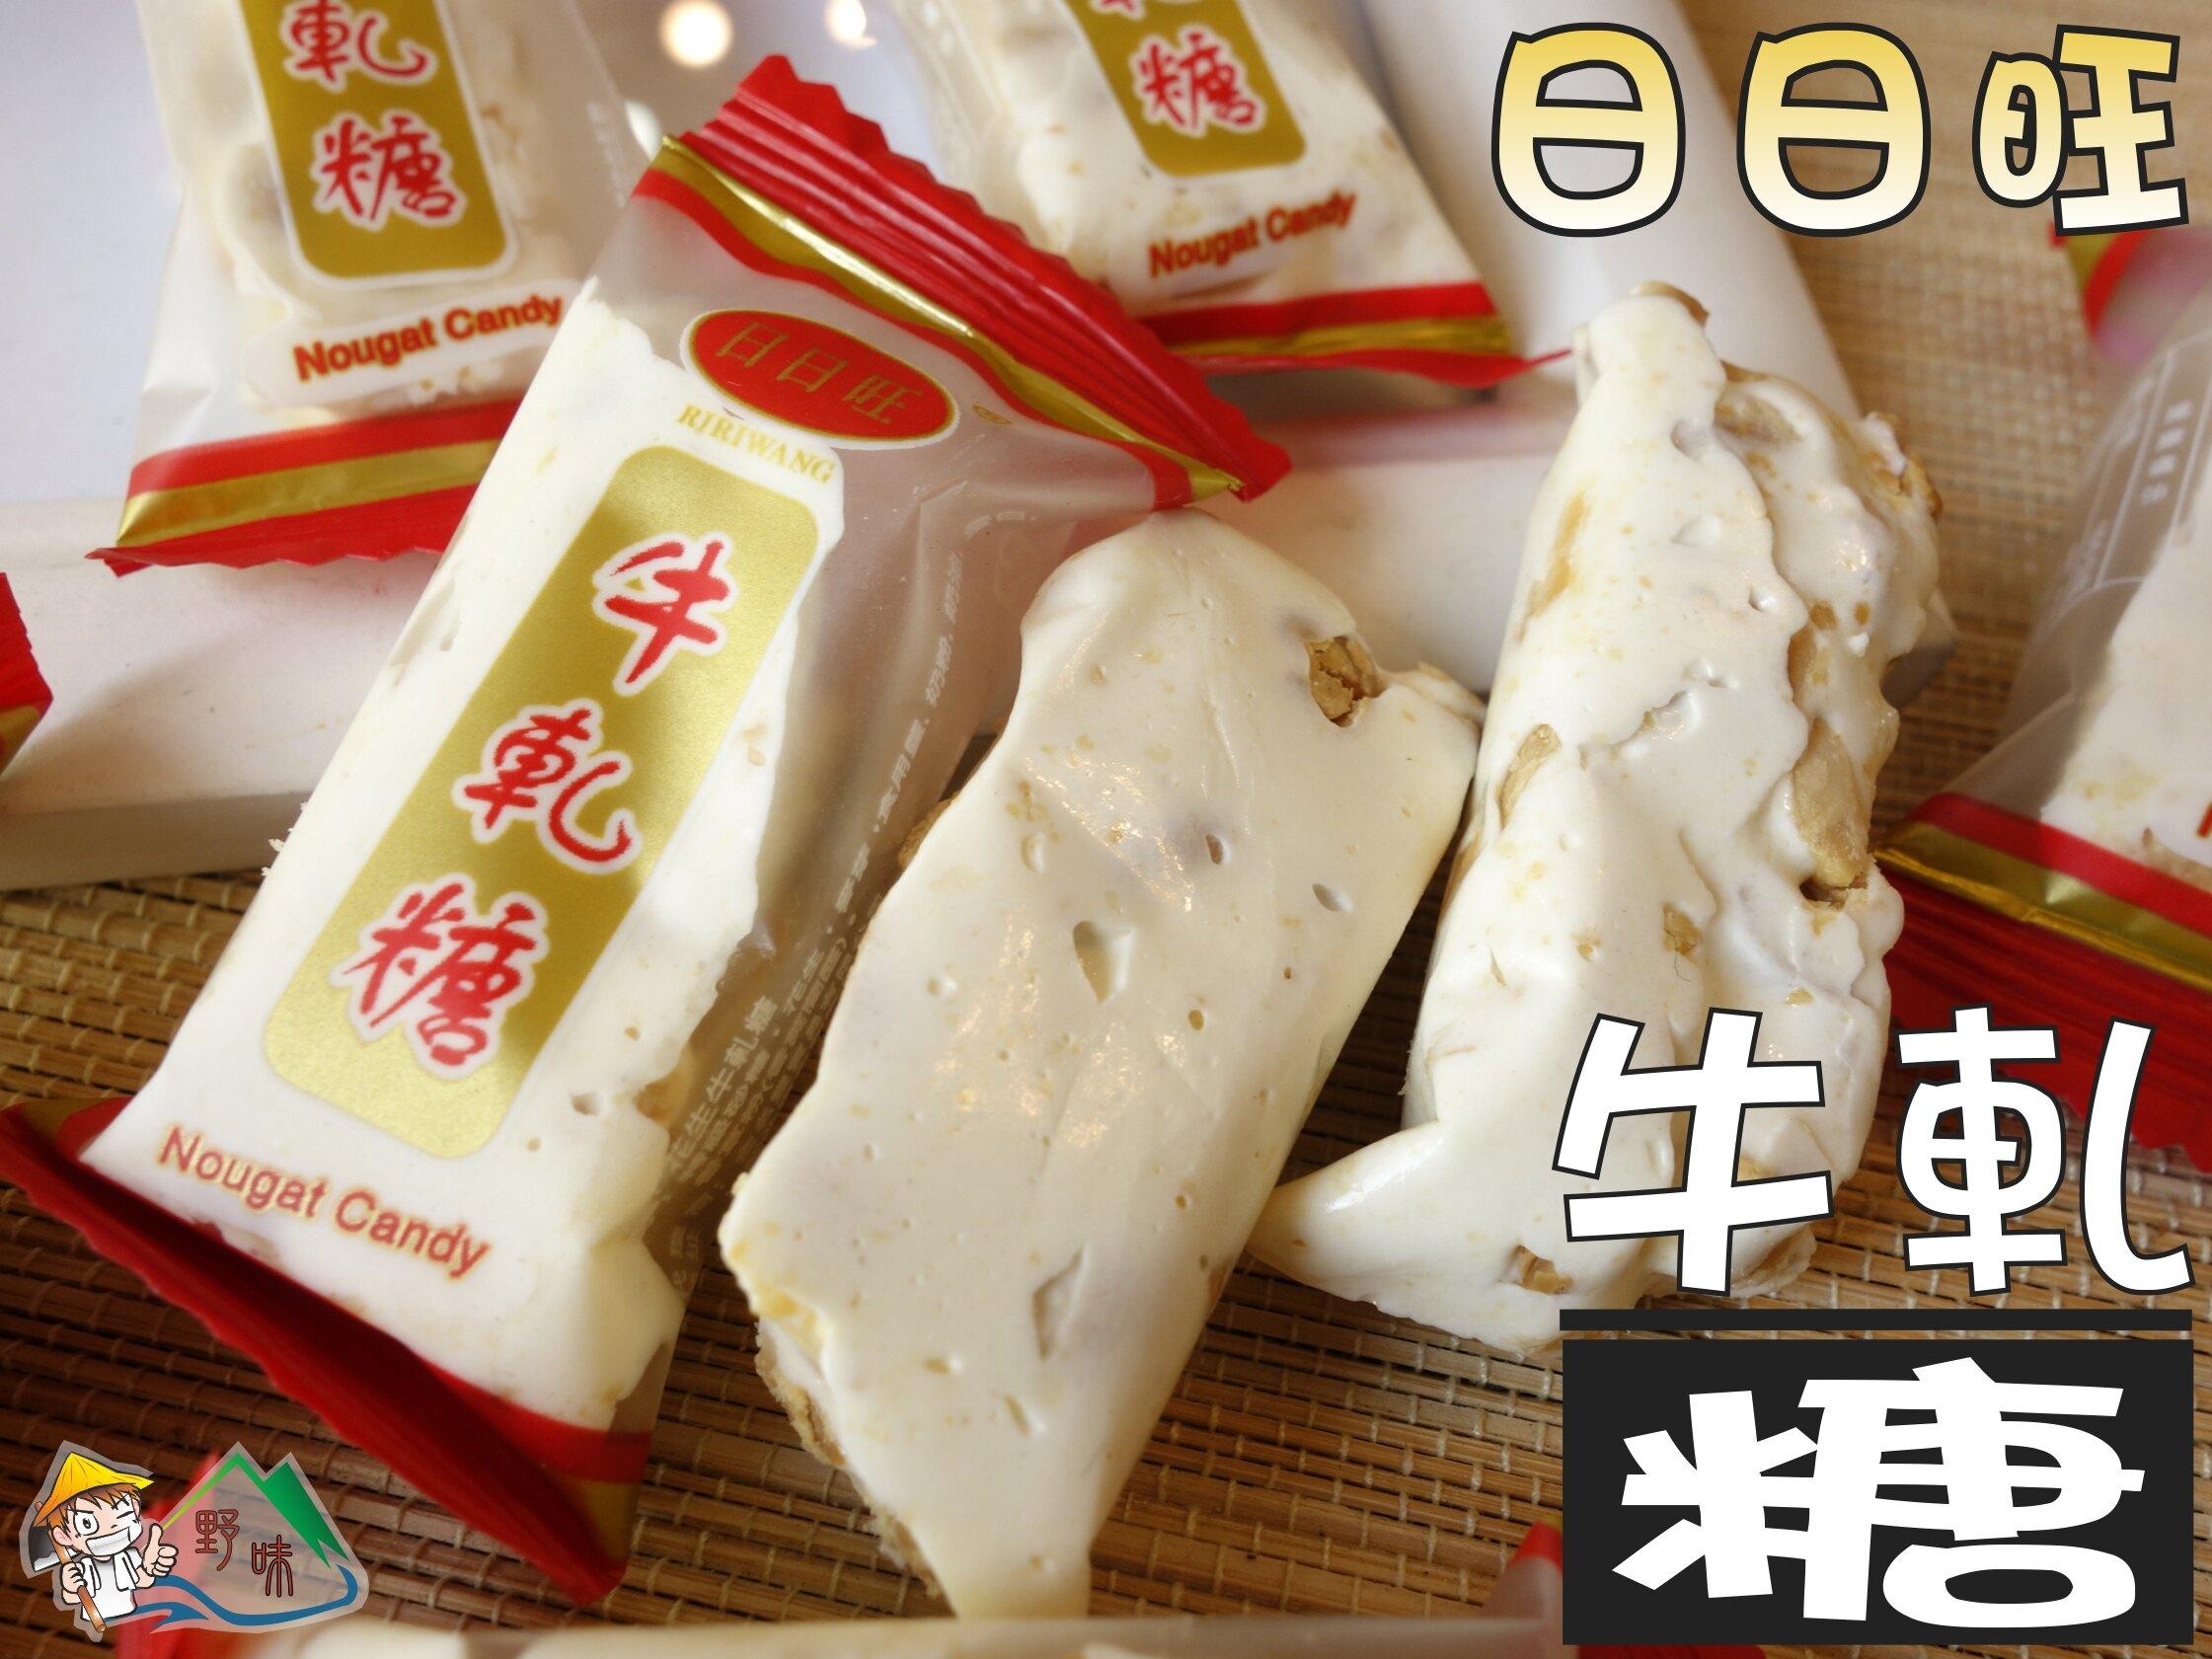 【野味食品】日日旺 花生牛軋糖(蛋奶素)(190g/包,465g/包)(桃園實體店面)